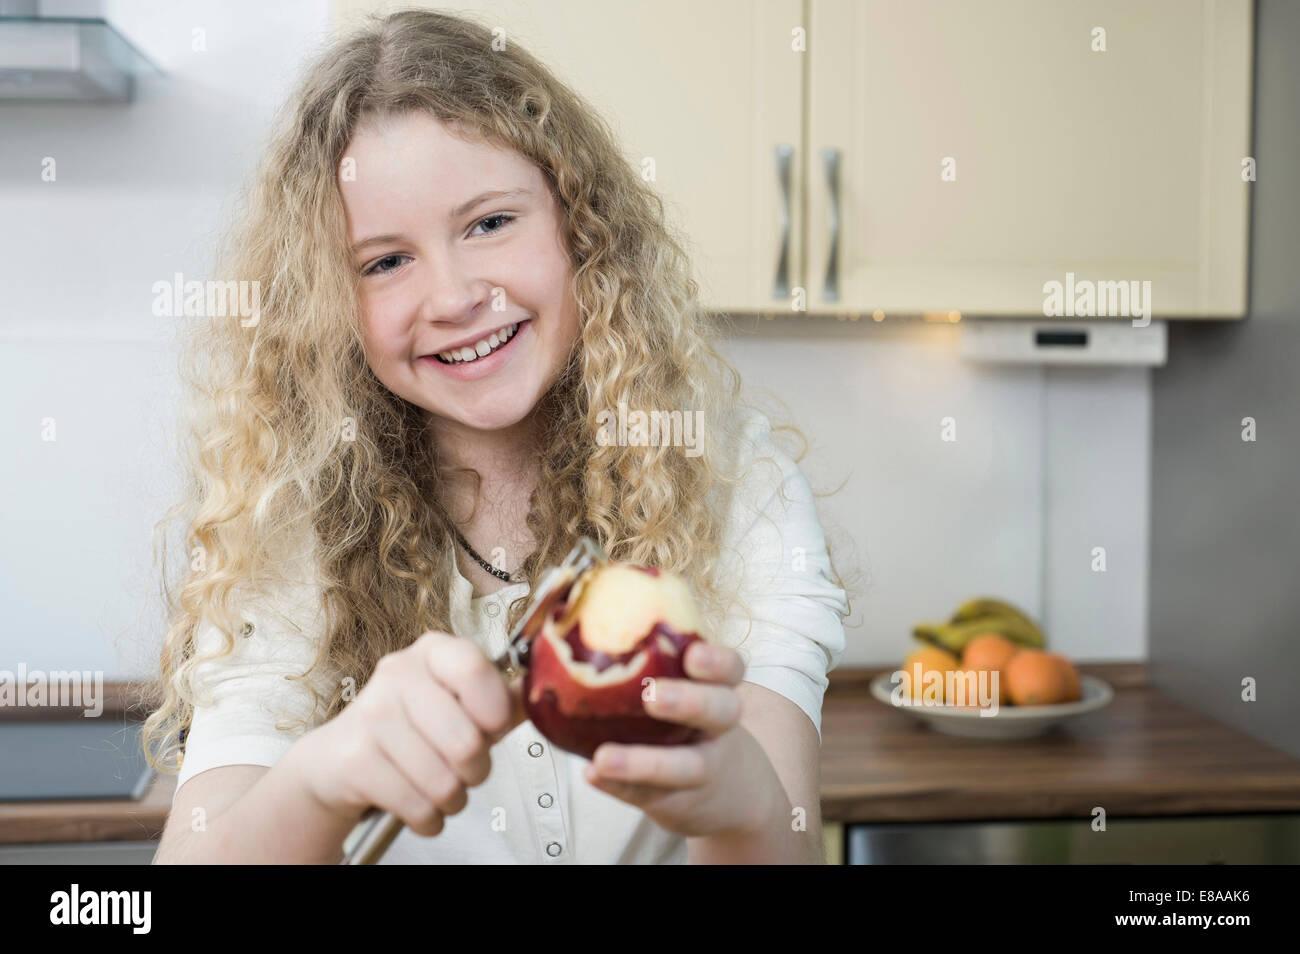 Fille en cuisine peeling apple Photo Stock